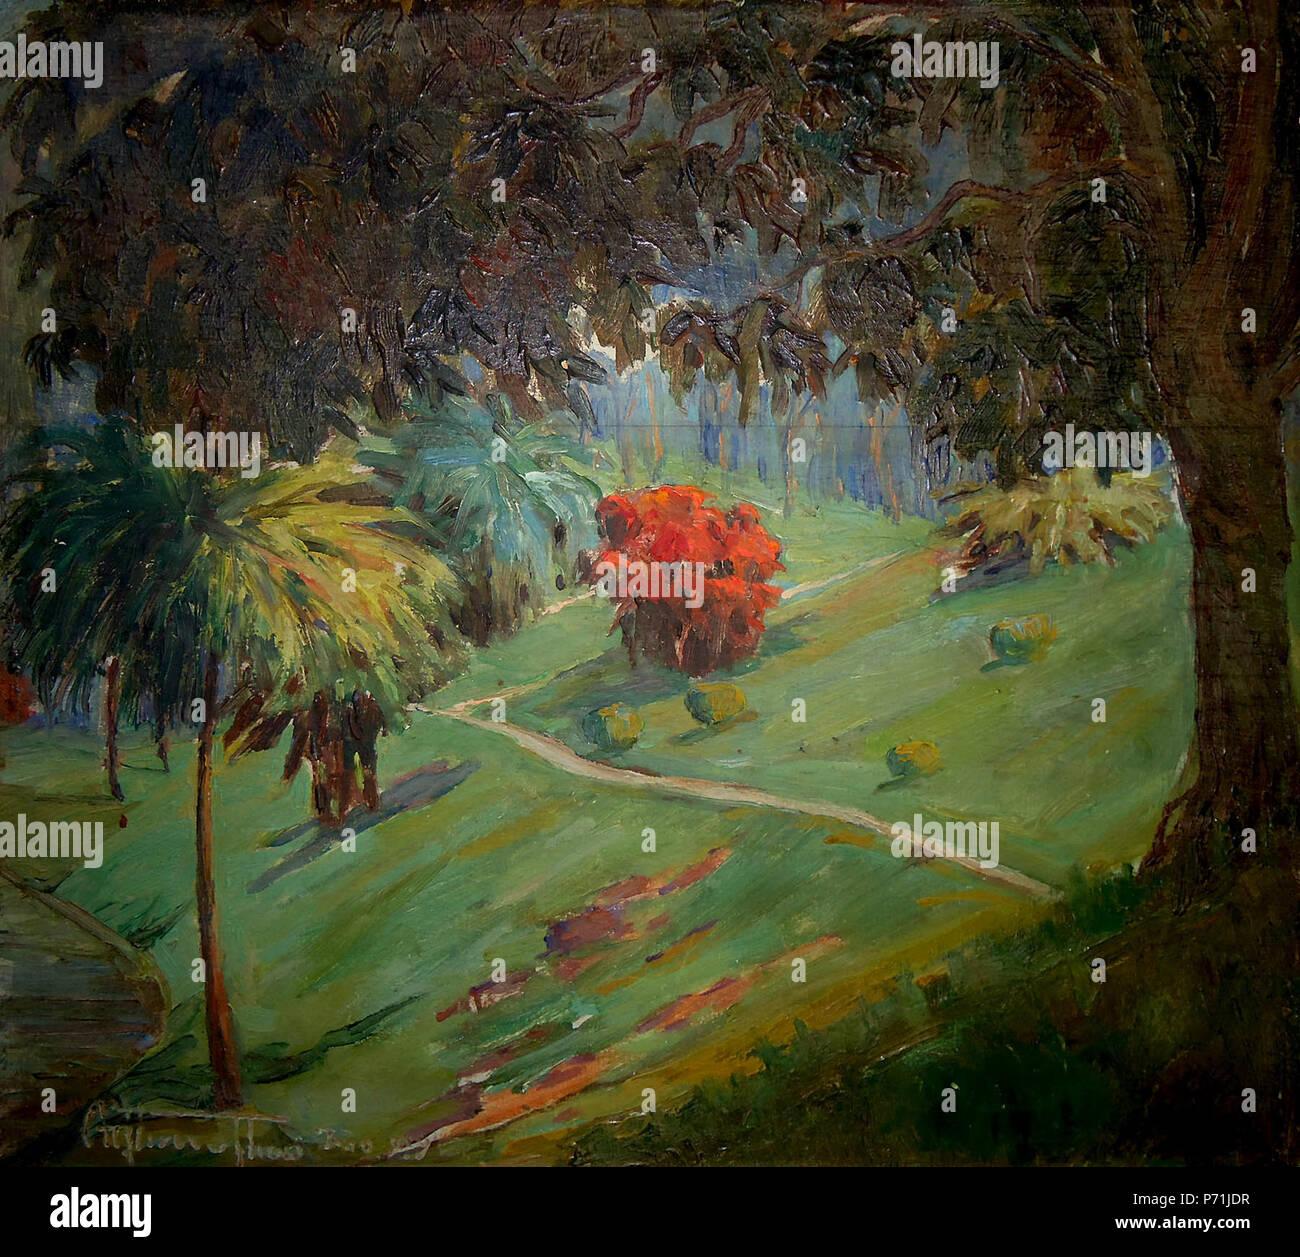 10 Arthur Timótheo da Costa, paisagem com arbusto vermelho, Rio de Janeiro, 1914, óleo sobre madera, 28 x 30,9, Photo Gedley Belchior Braga Immagini Stock